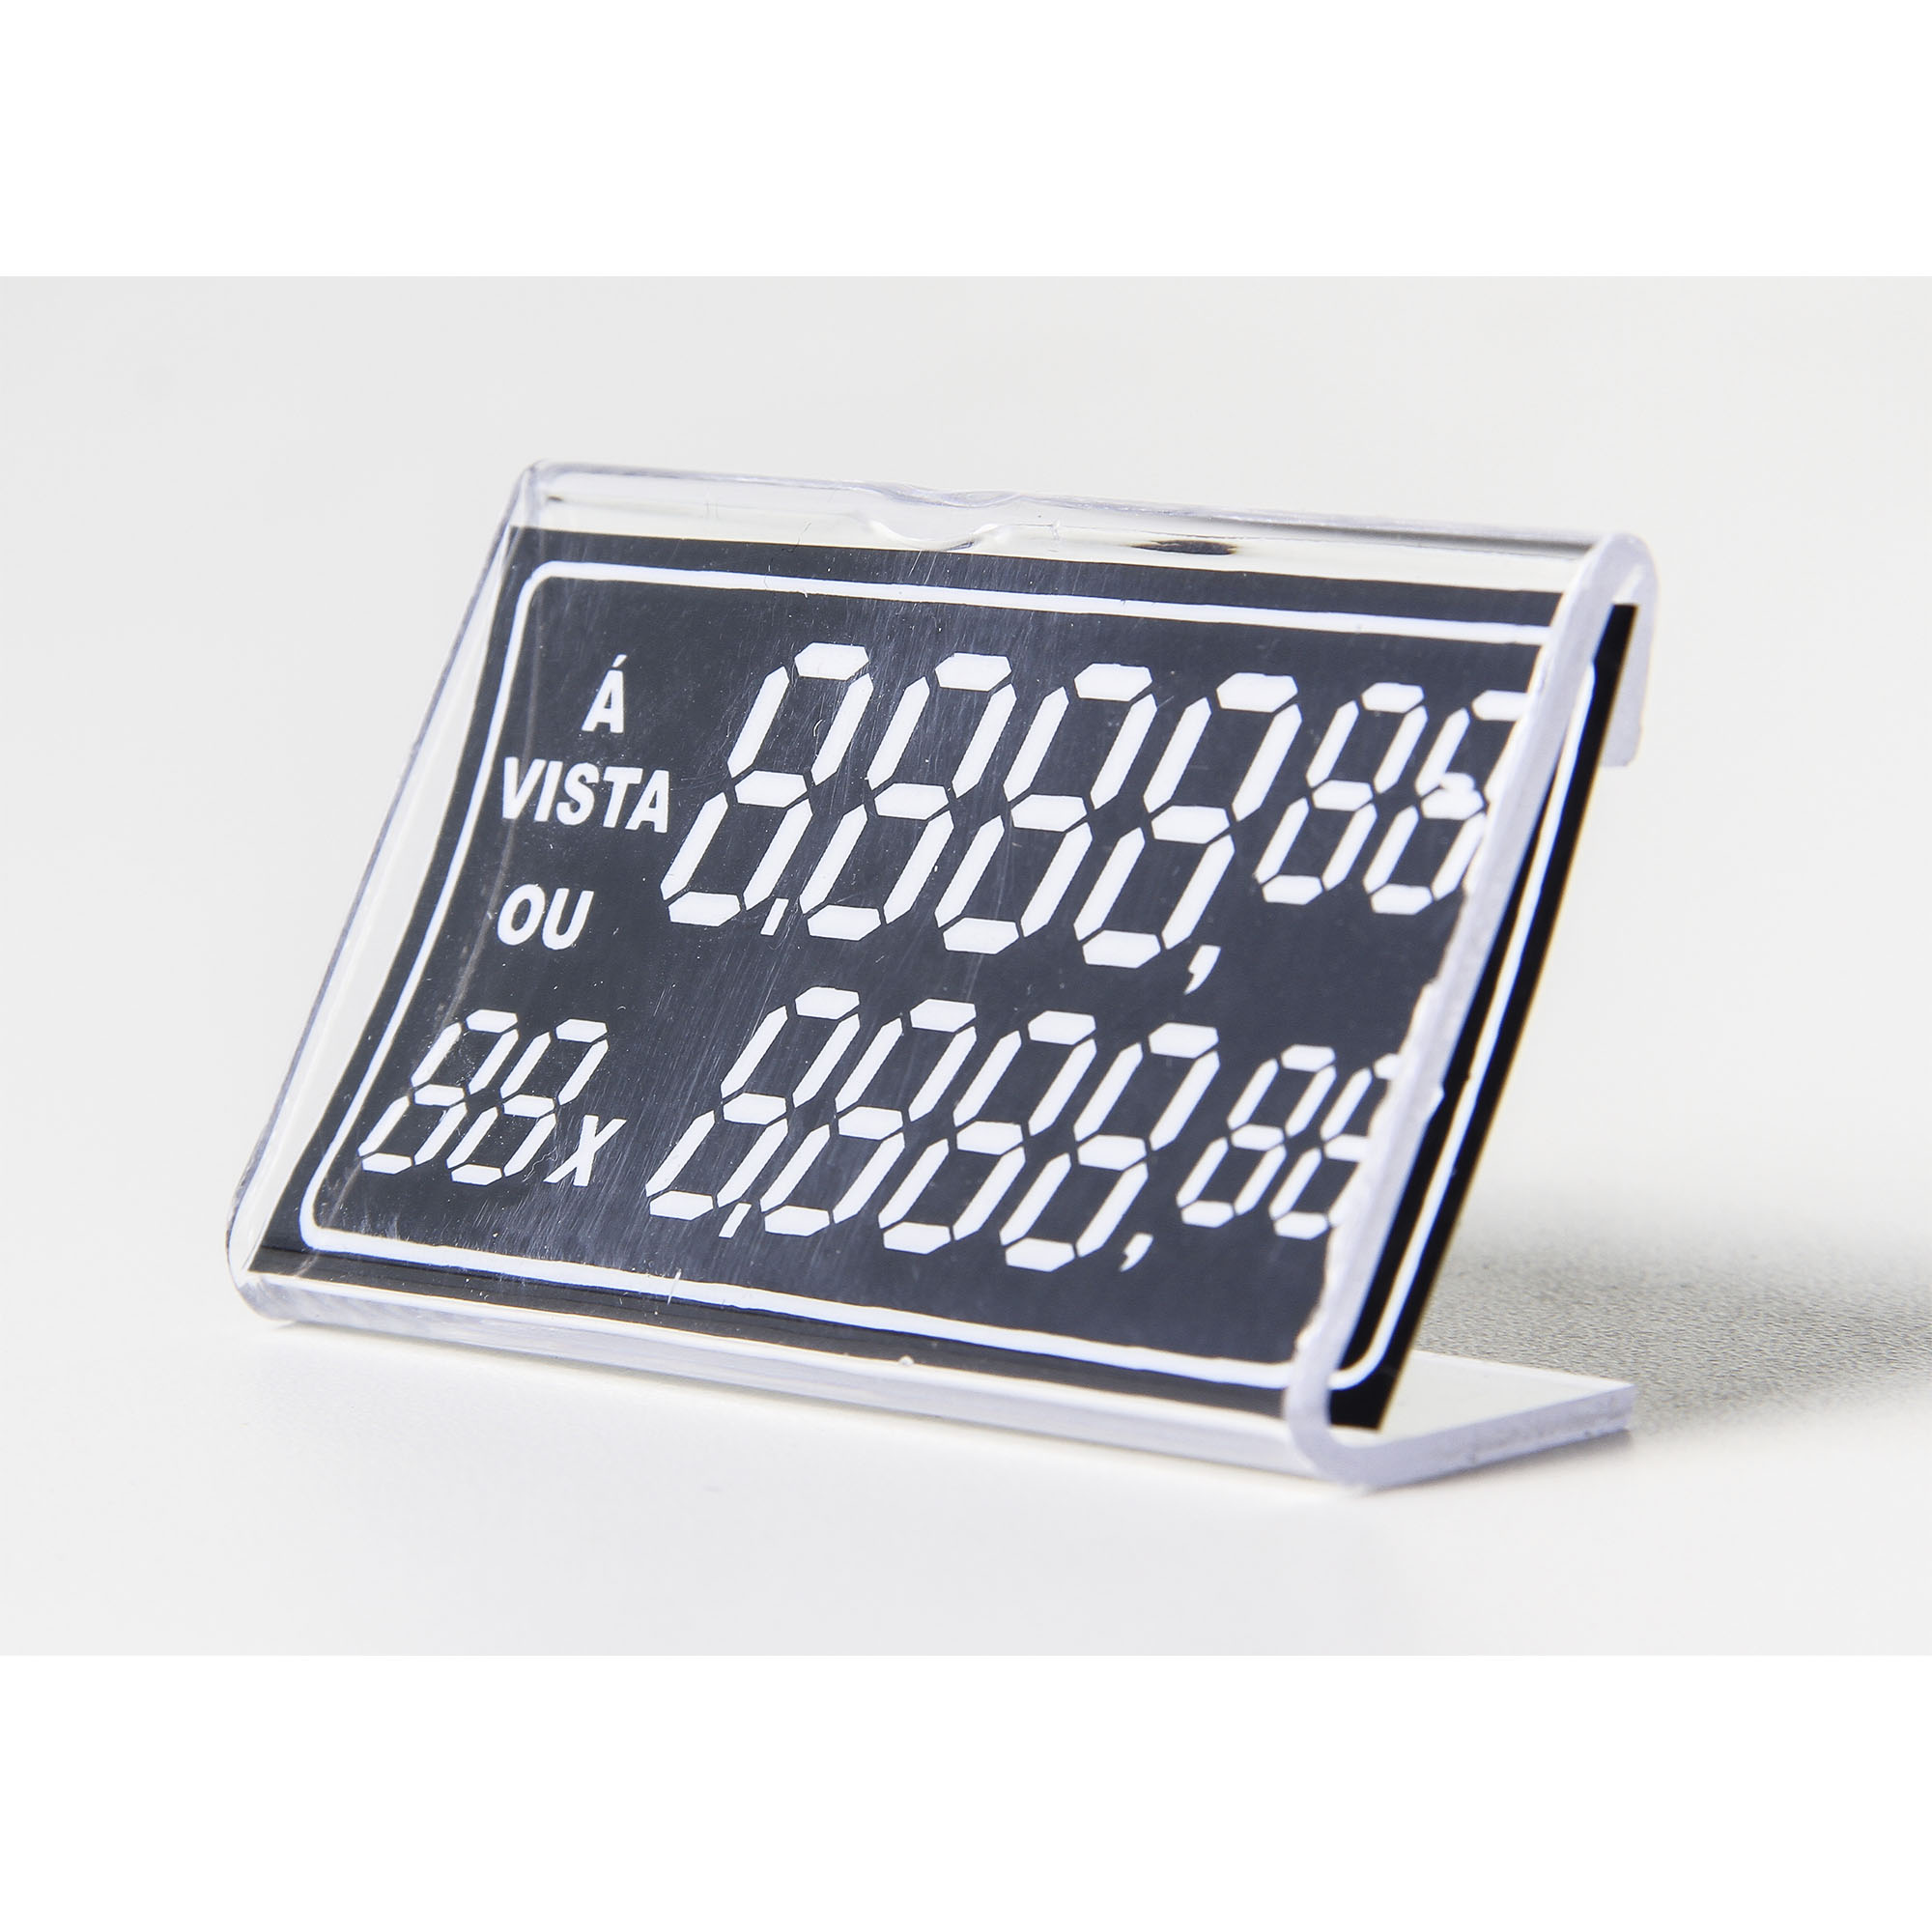 Porta Preço Acrílico com Etiqueta - Pacote 6 unidades